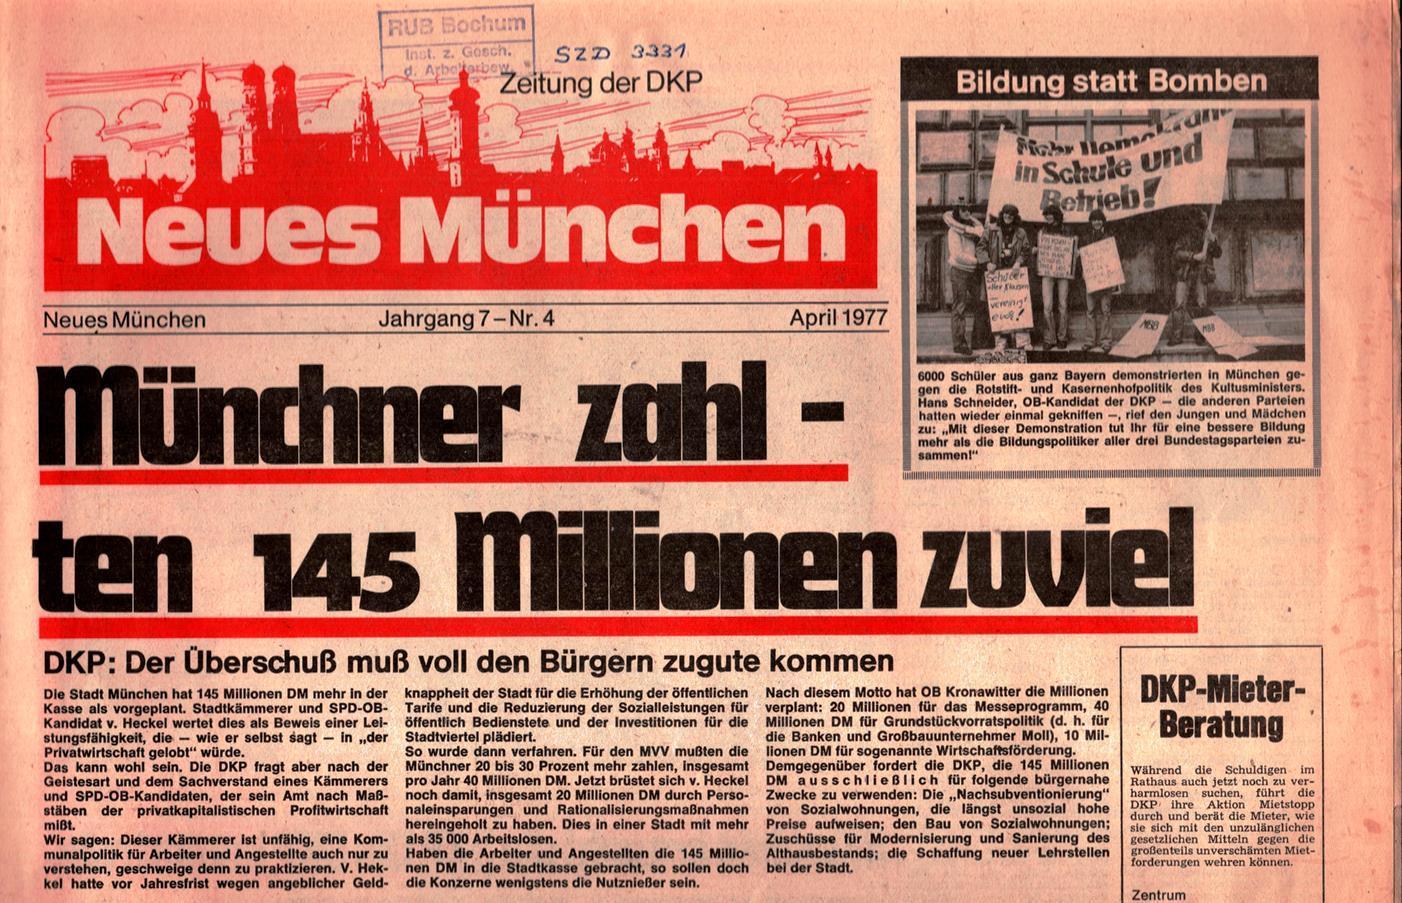 Muenchen_DKP_Neues_Muenchen_19770400_004_001